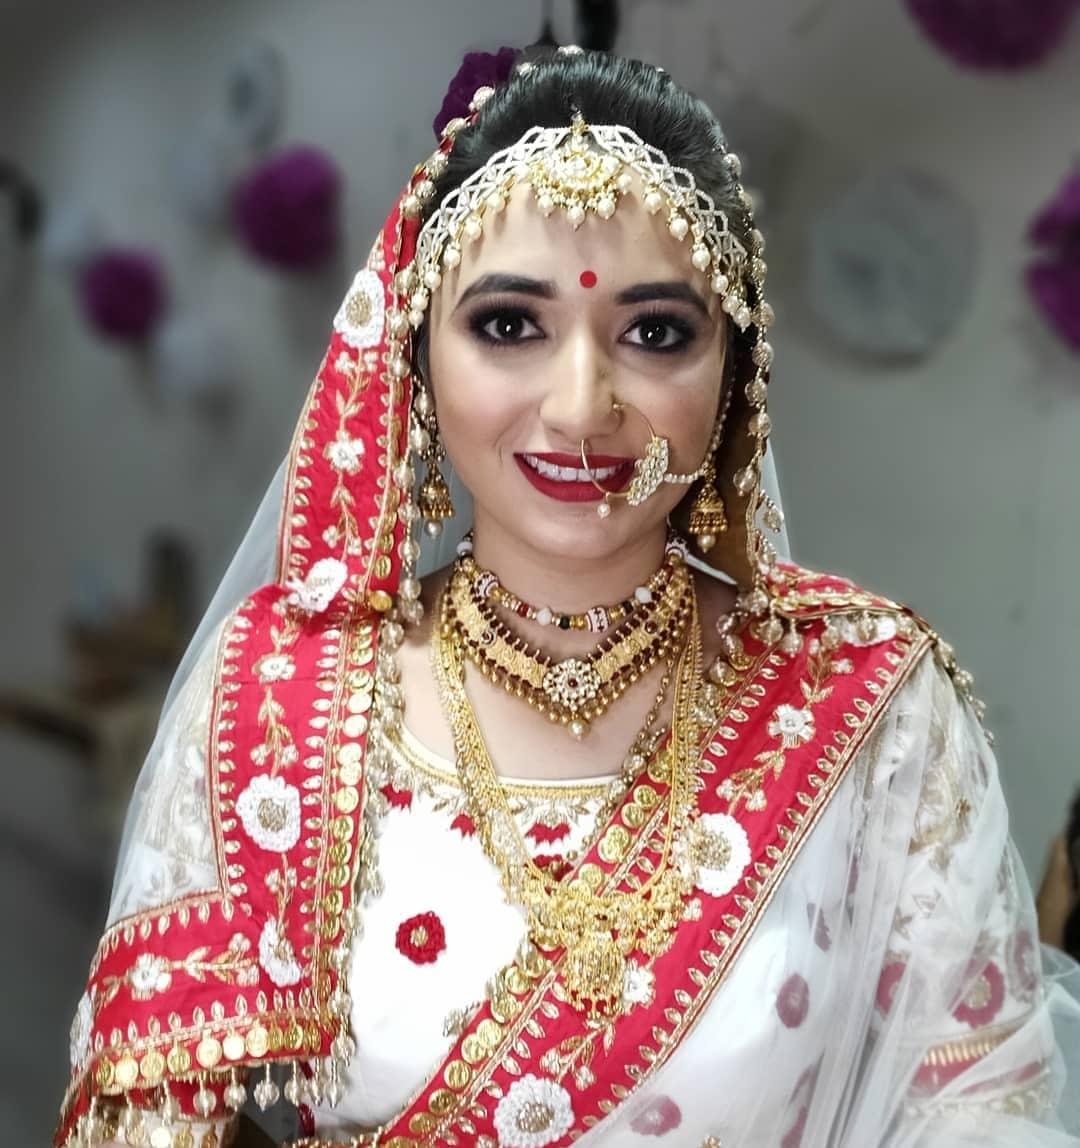 aditi-barbhaya-makeup-artist-ahmedabad